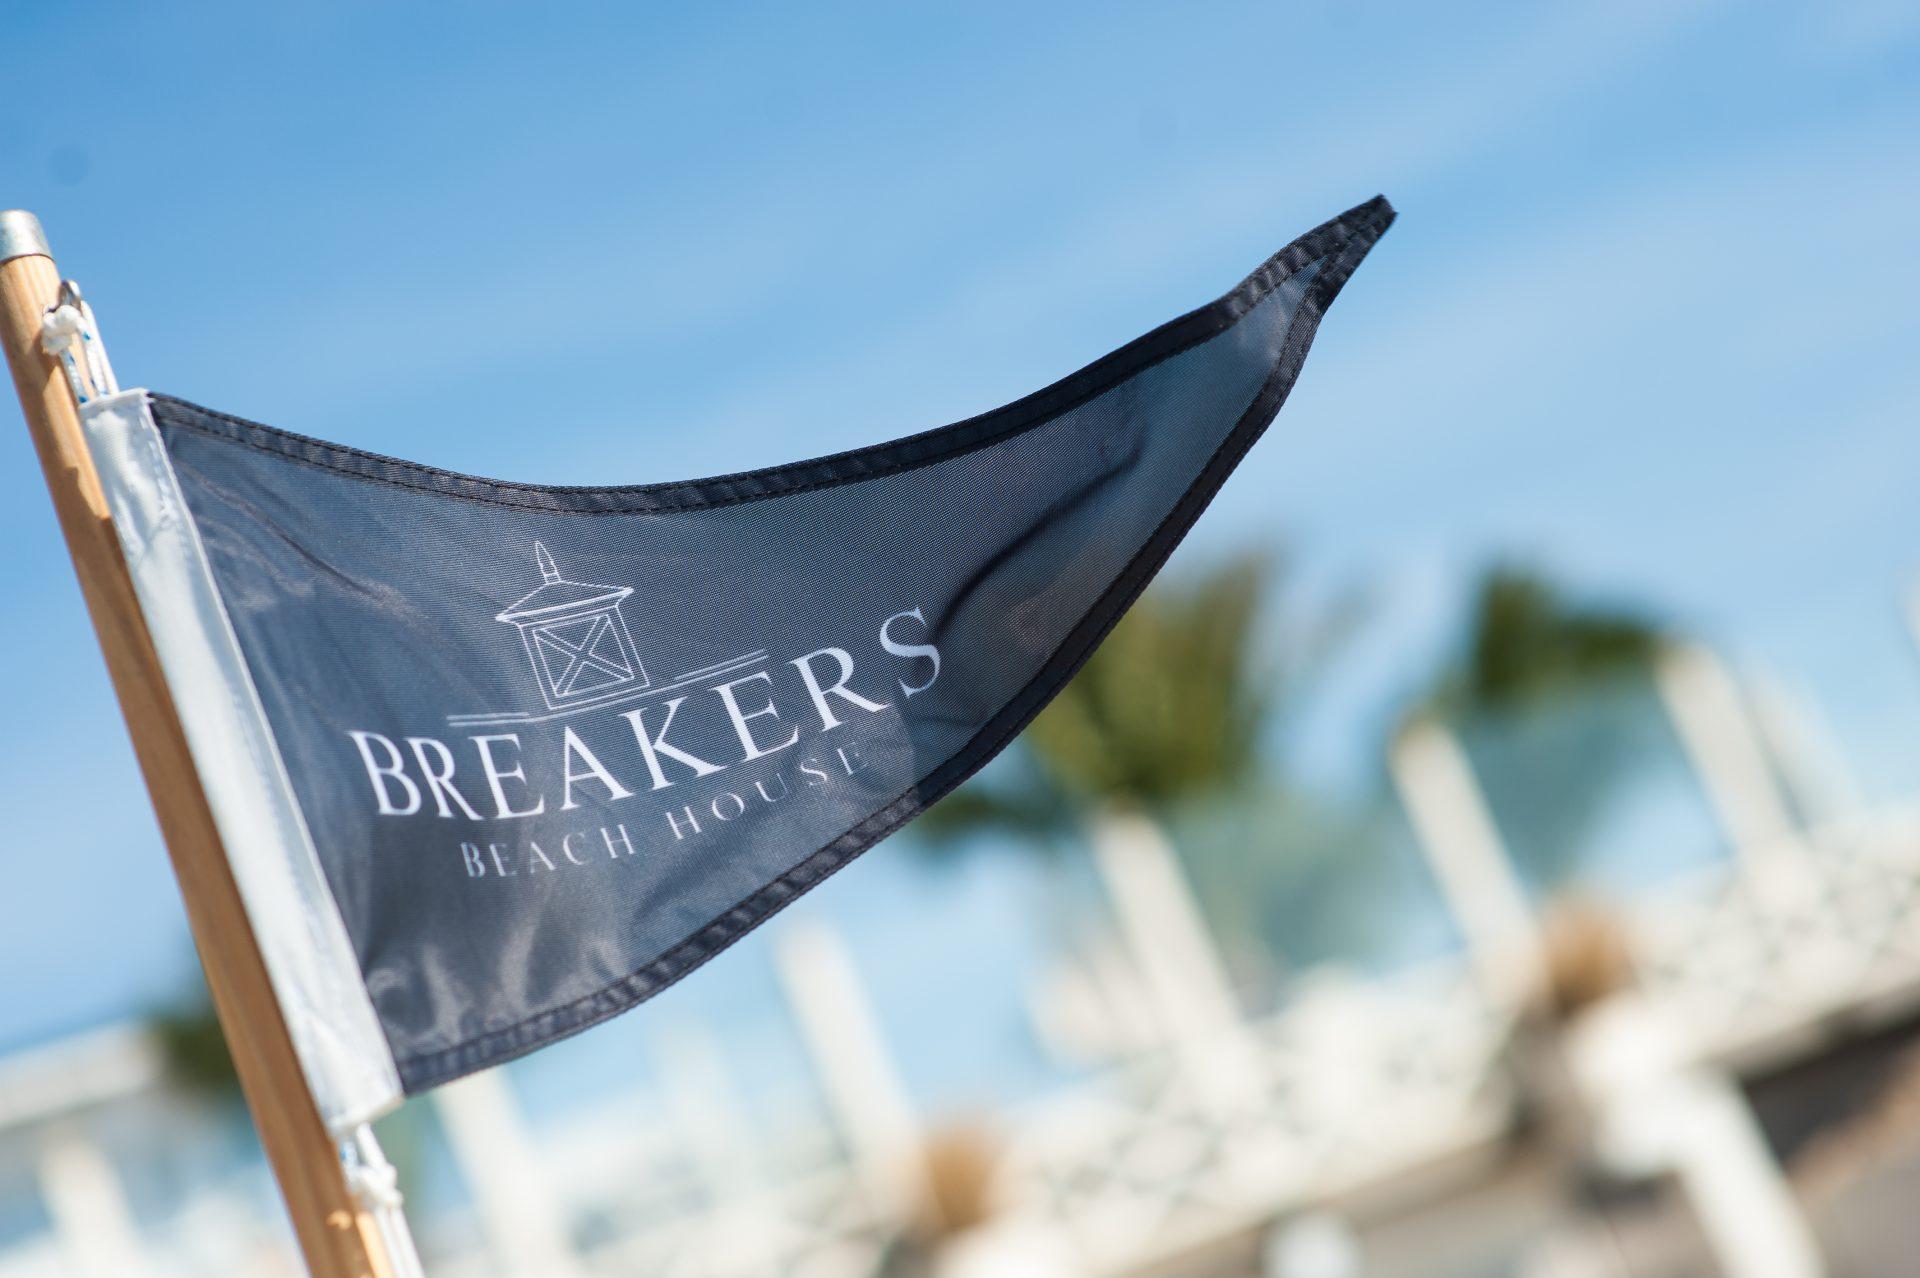 Strandkiosk – Breakers Beach House